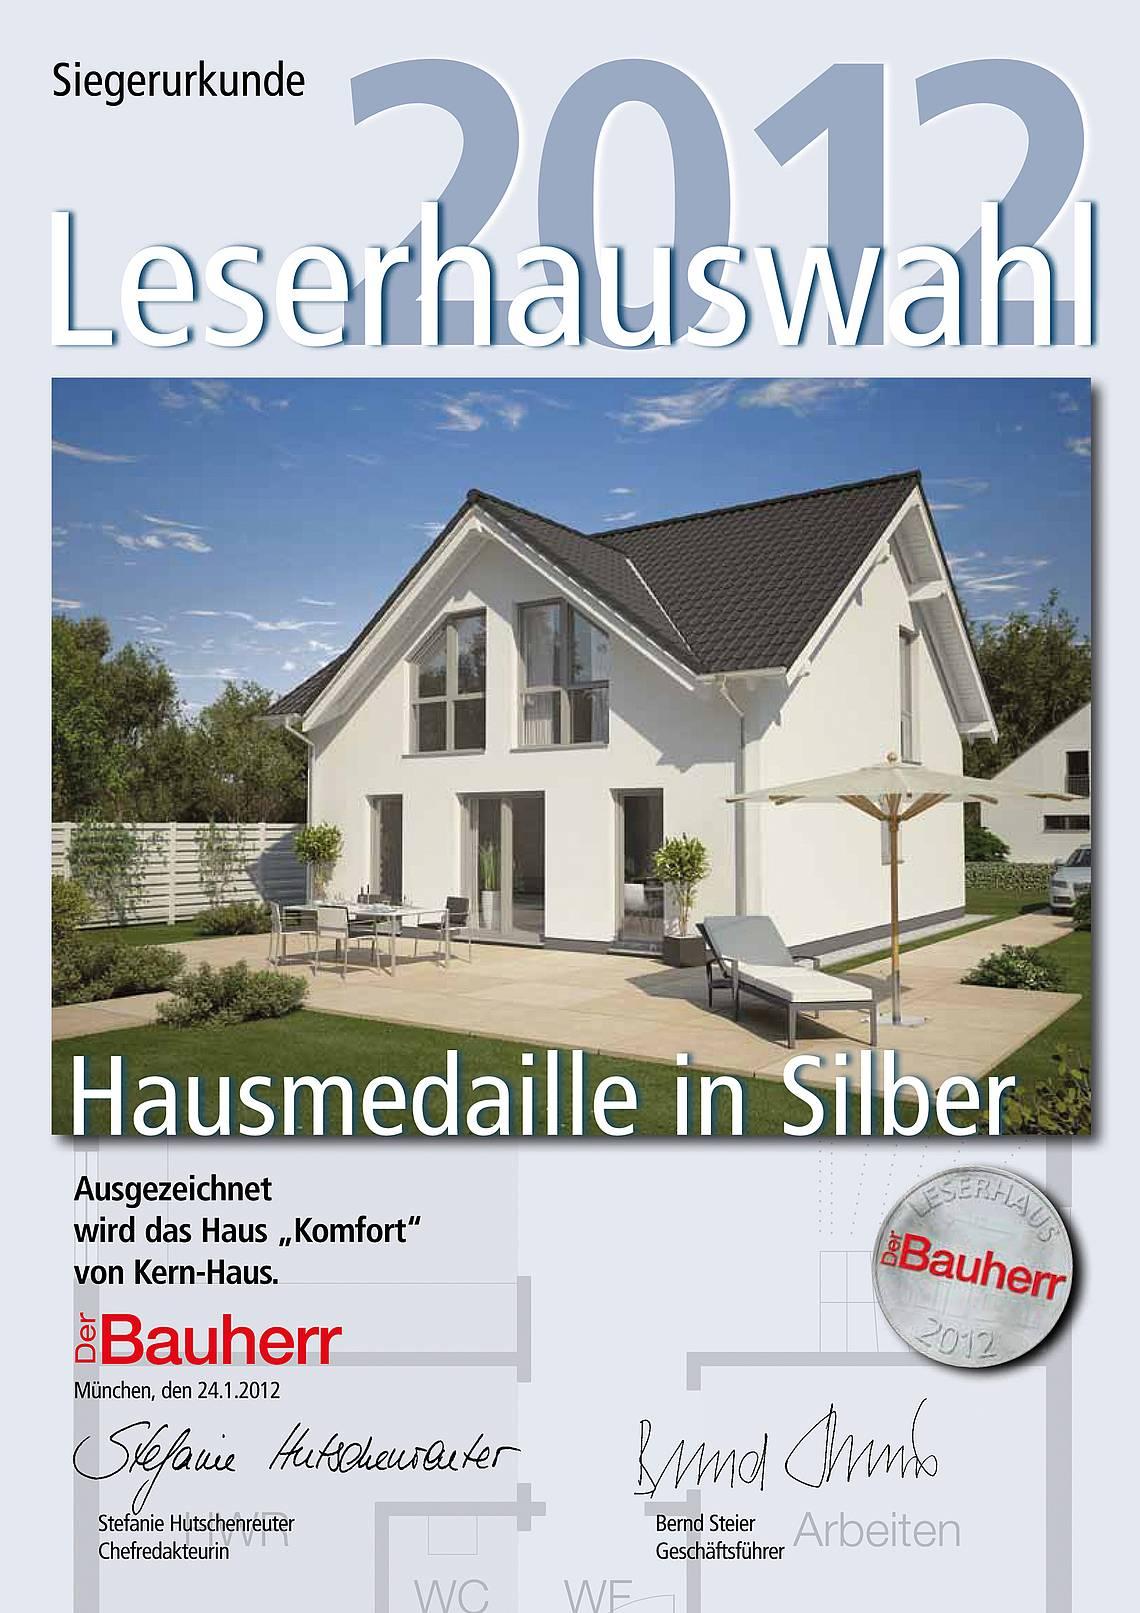 Urkunde Leserhauswahl 2012: Silbermedaille für Kern-Haus Komfort